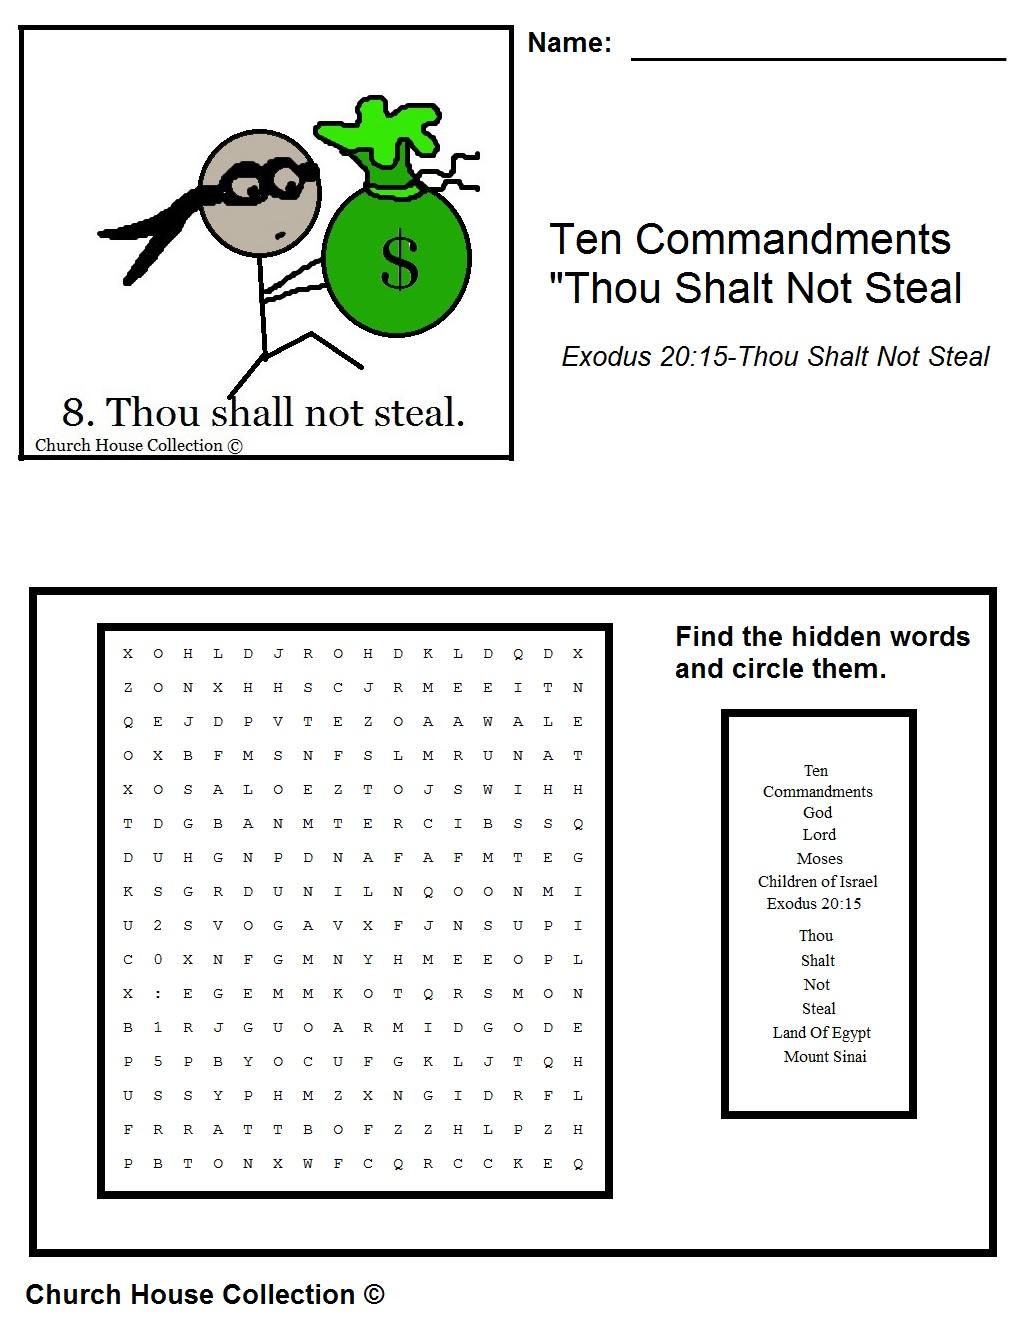 ten commandments worksheets  Grimmbr math worksheets, worksheets, free worksheets, education, and grade worksheets Ten Commandments Worksheets For Kids 1319 x 1019